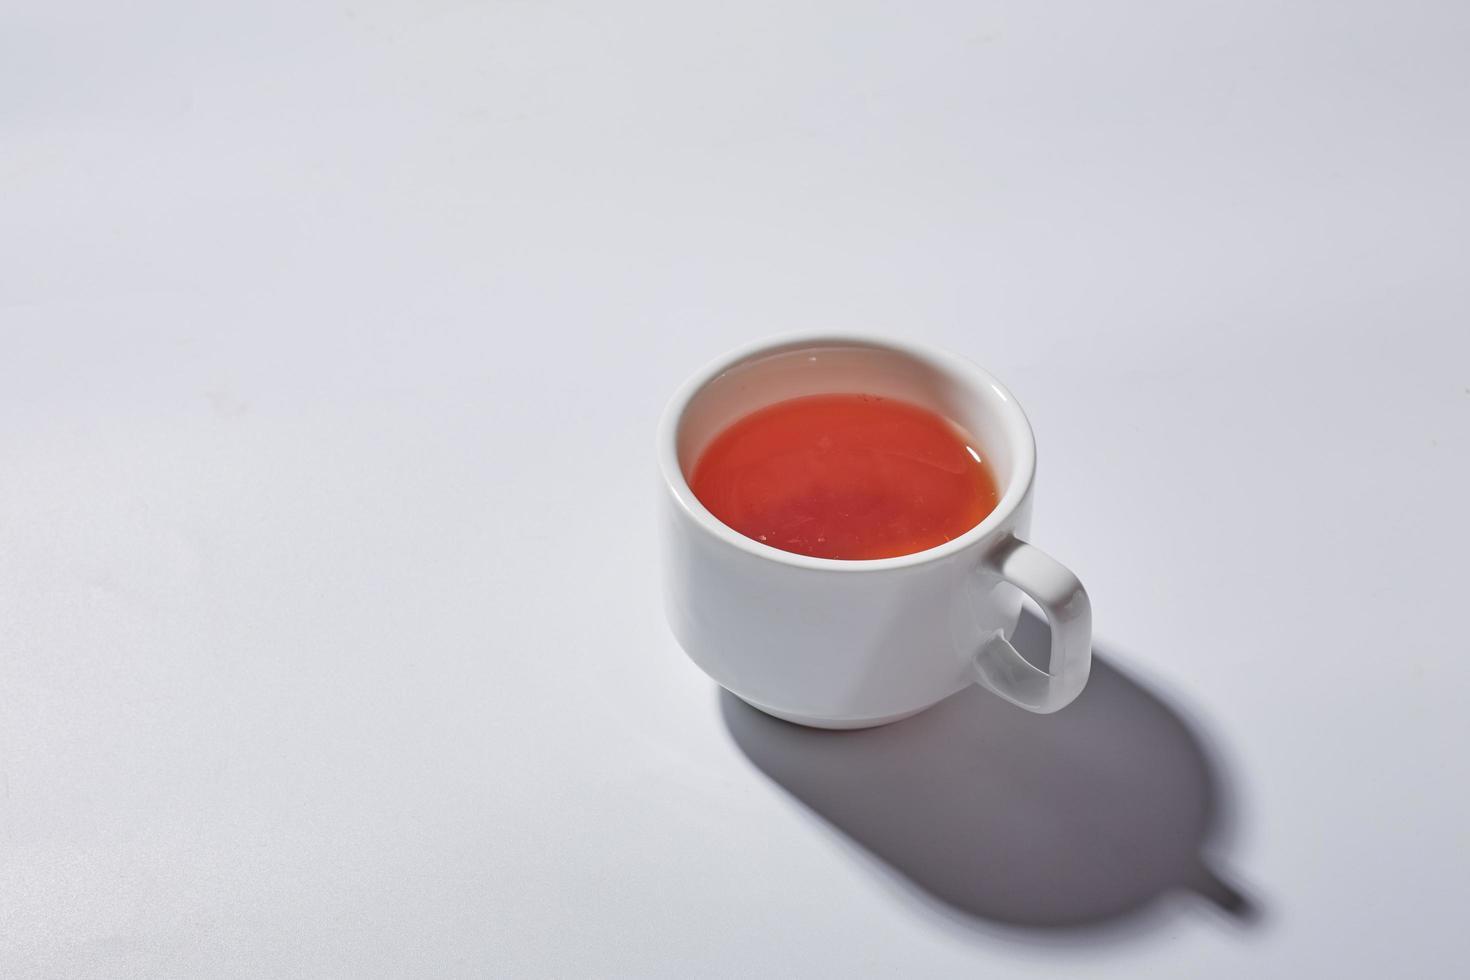 tasse de thé sur une surface blanche photo